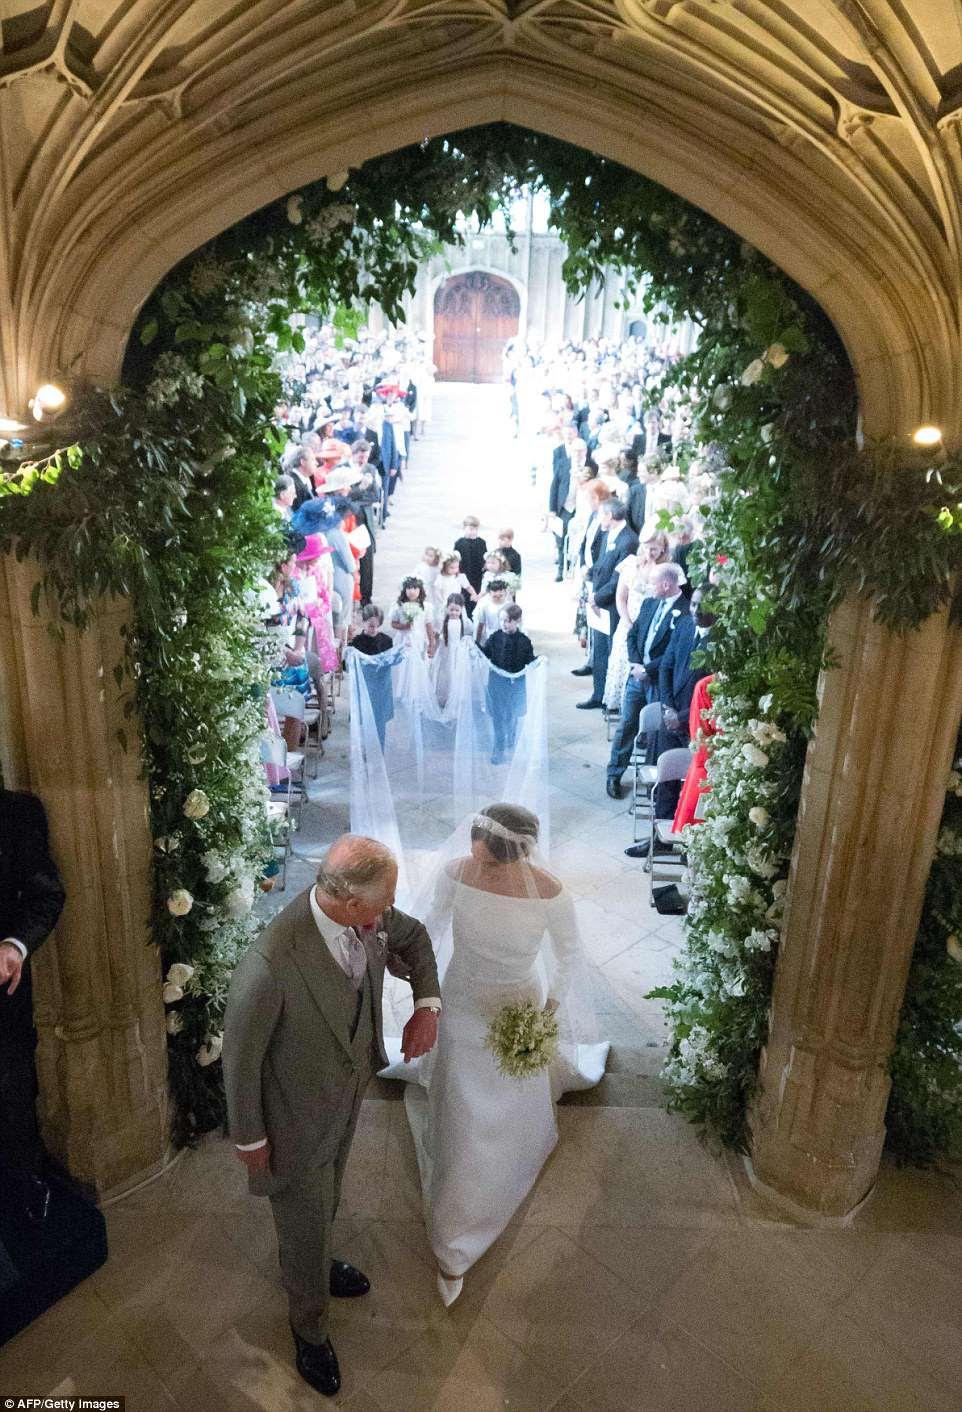 El Príncipe Carlos toma el brazo de Meghan y dice algunas dulces palabras para tranquilizarla mientras toma el lugar de su padre para llevarla por el pasillo